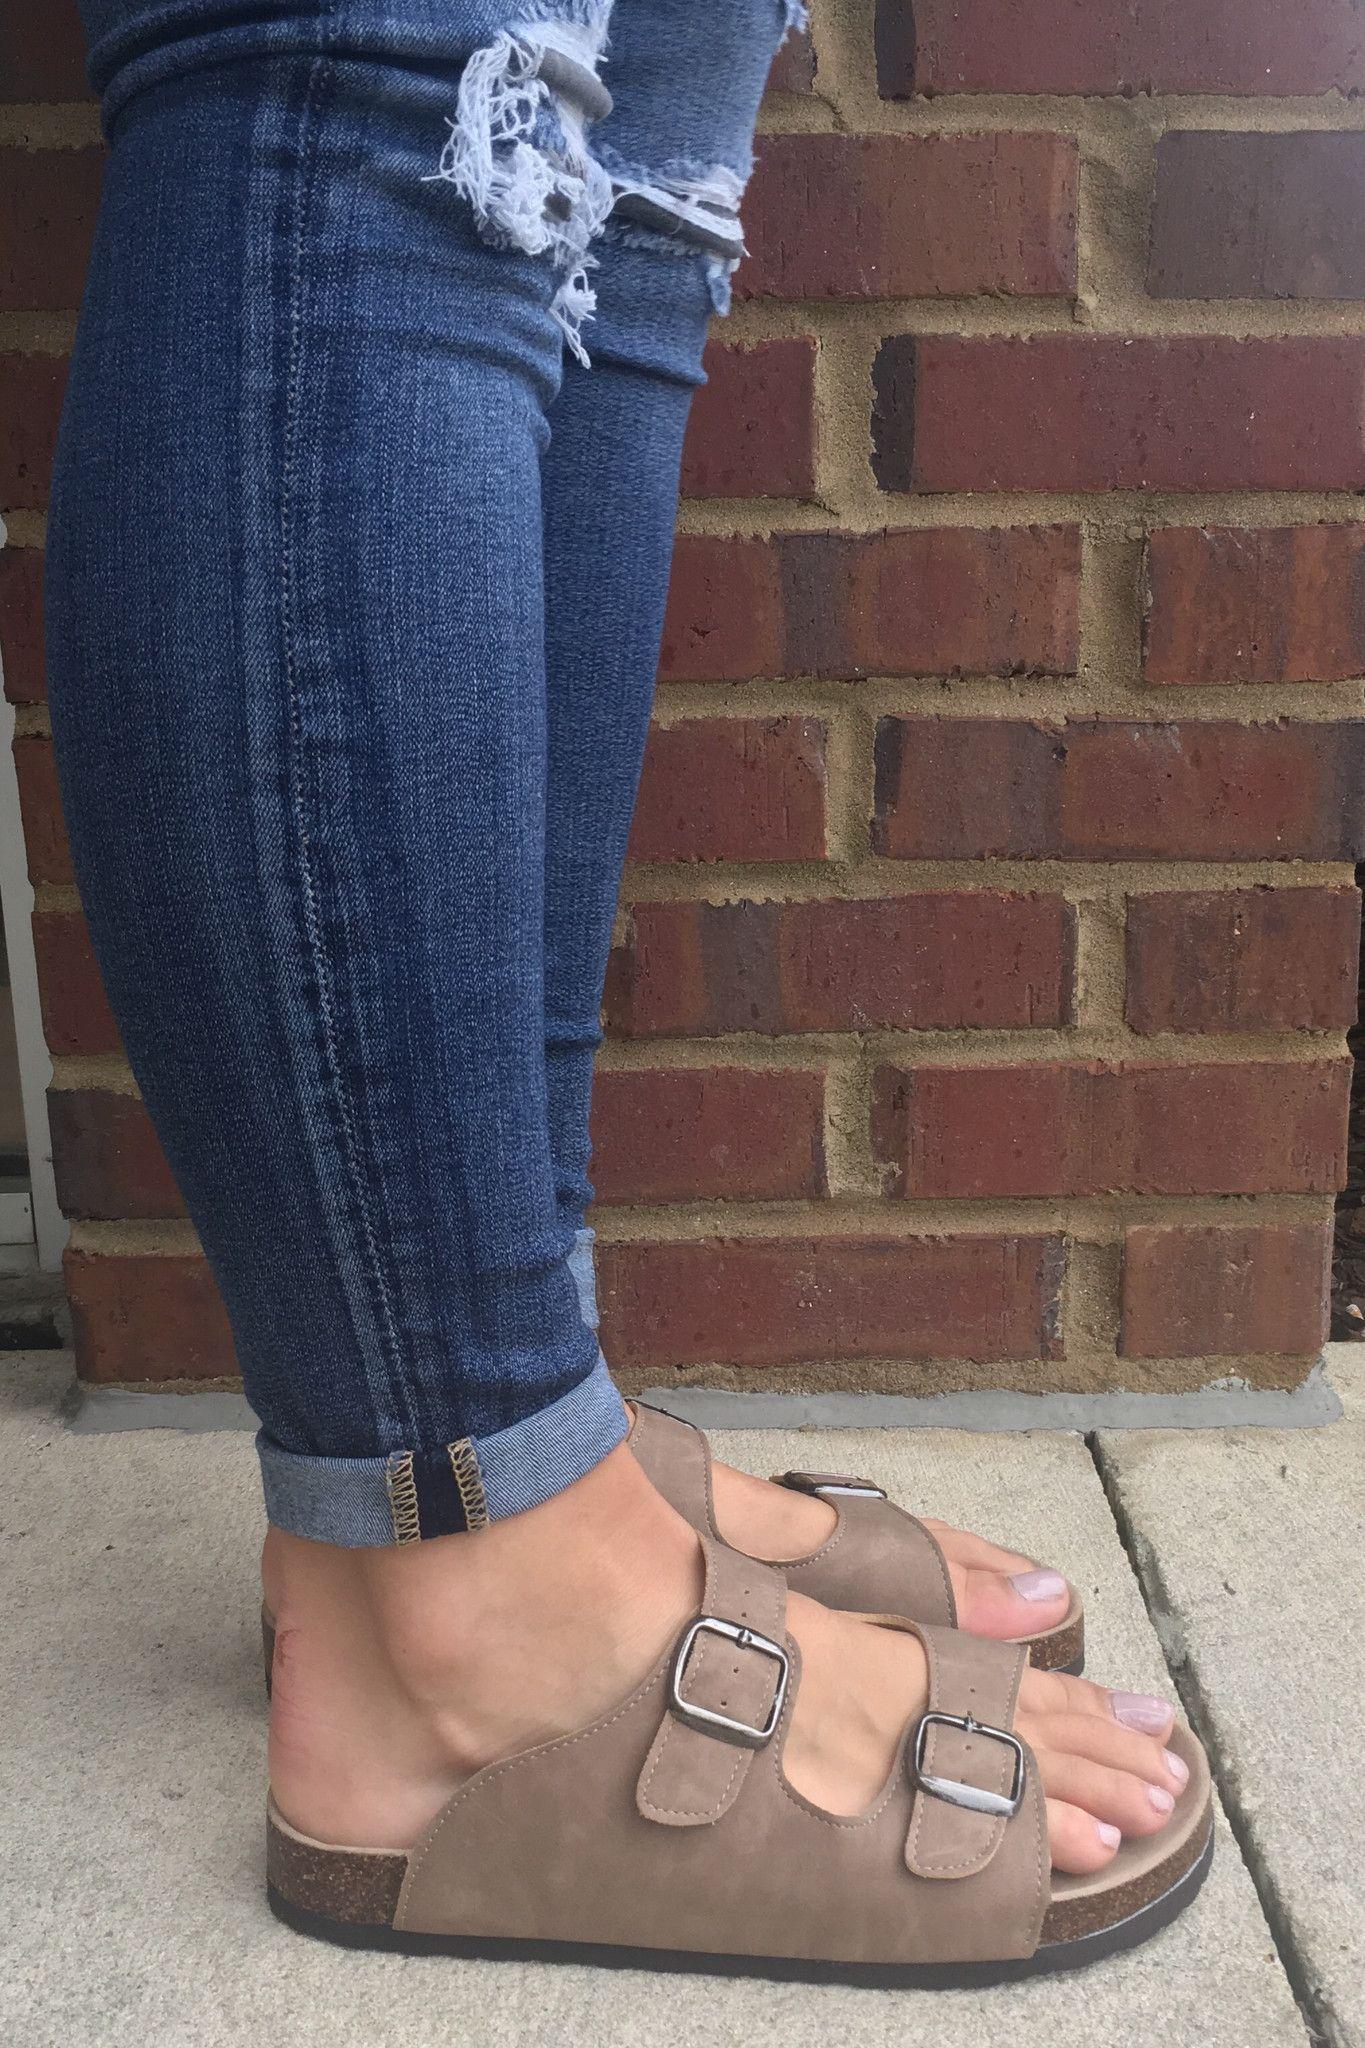 Birkenstock inspired tantaupe sandals with two buckel